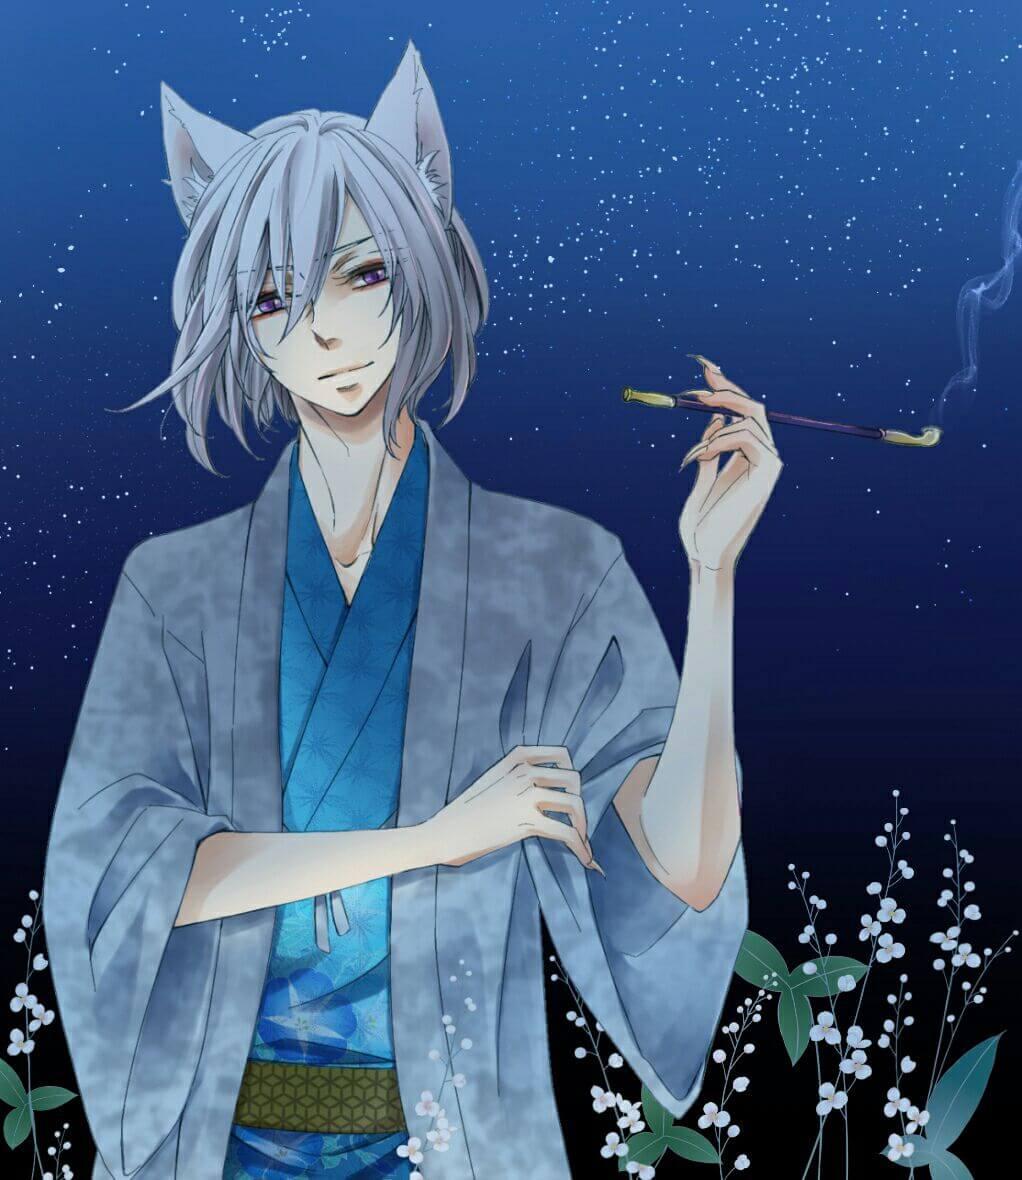 Hình cổ trang anime nam đẹp